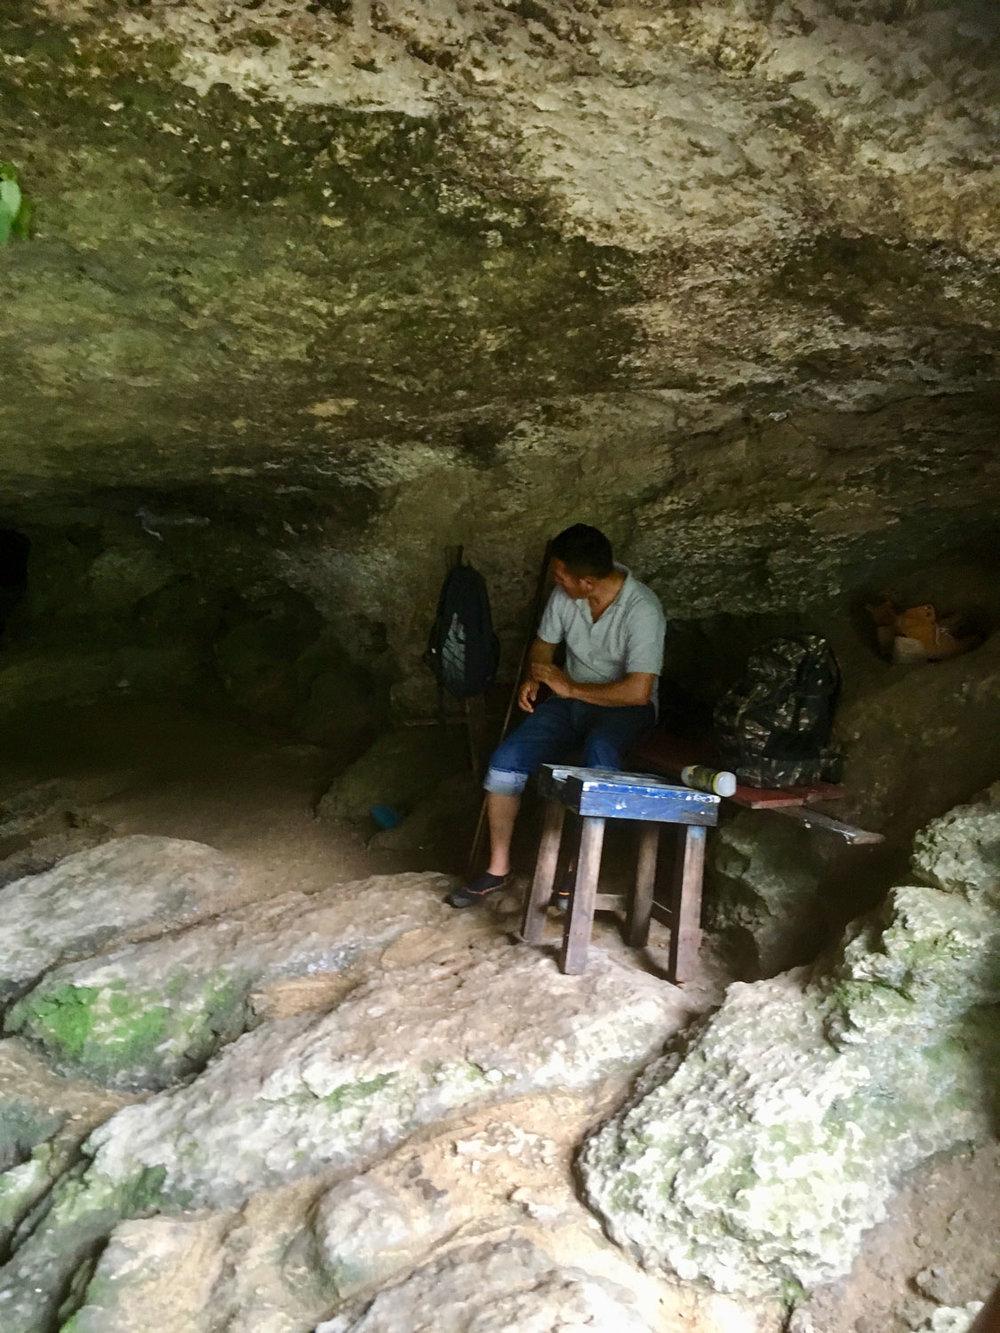 Hammocks_and_Ruins_Riviera_Maya_Mexico_What_to_Do_Lakes_Rivers_Chiapas_Palenque_Misol_Ha_Waterfalls_14.jpg